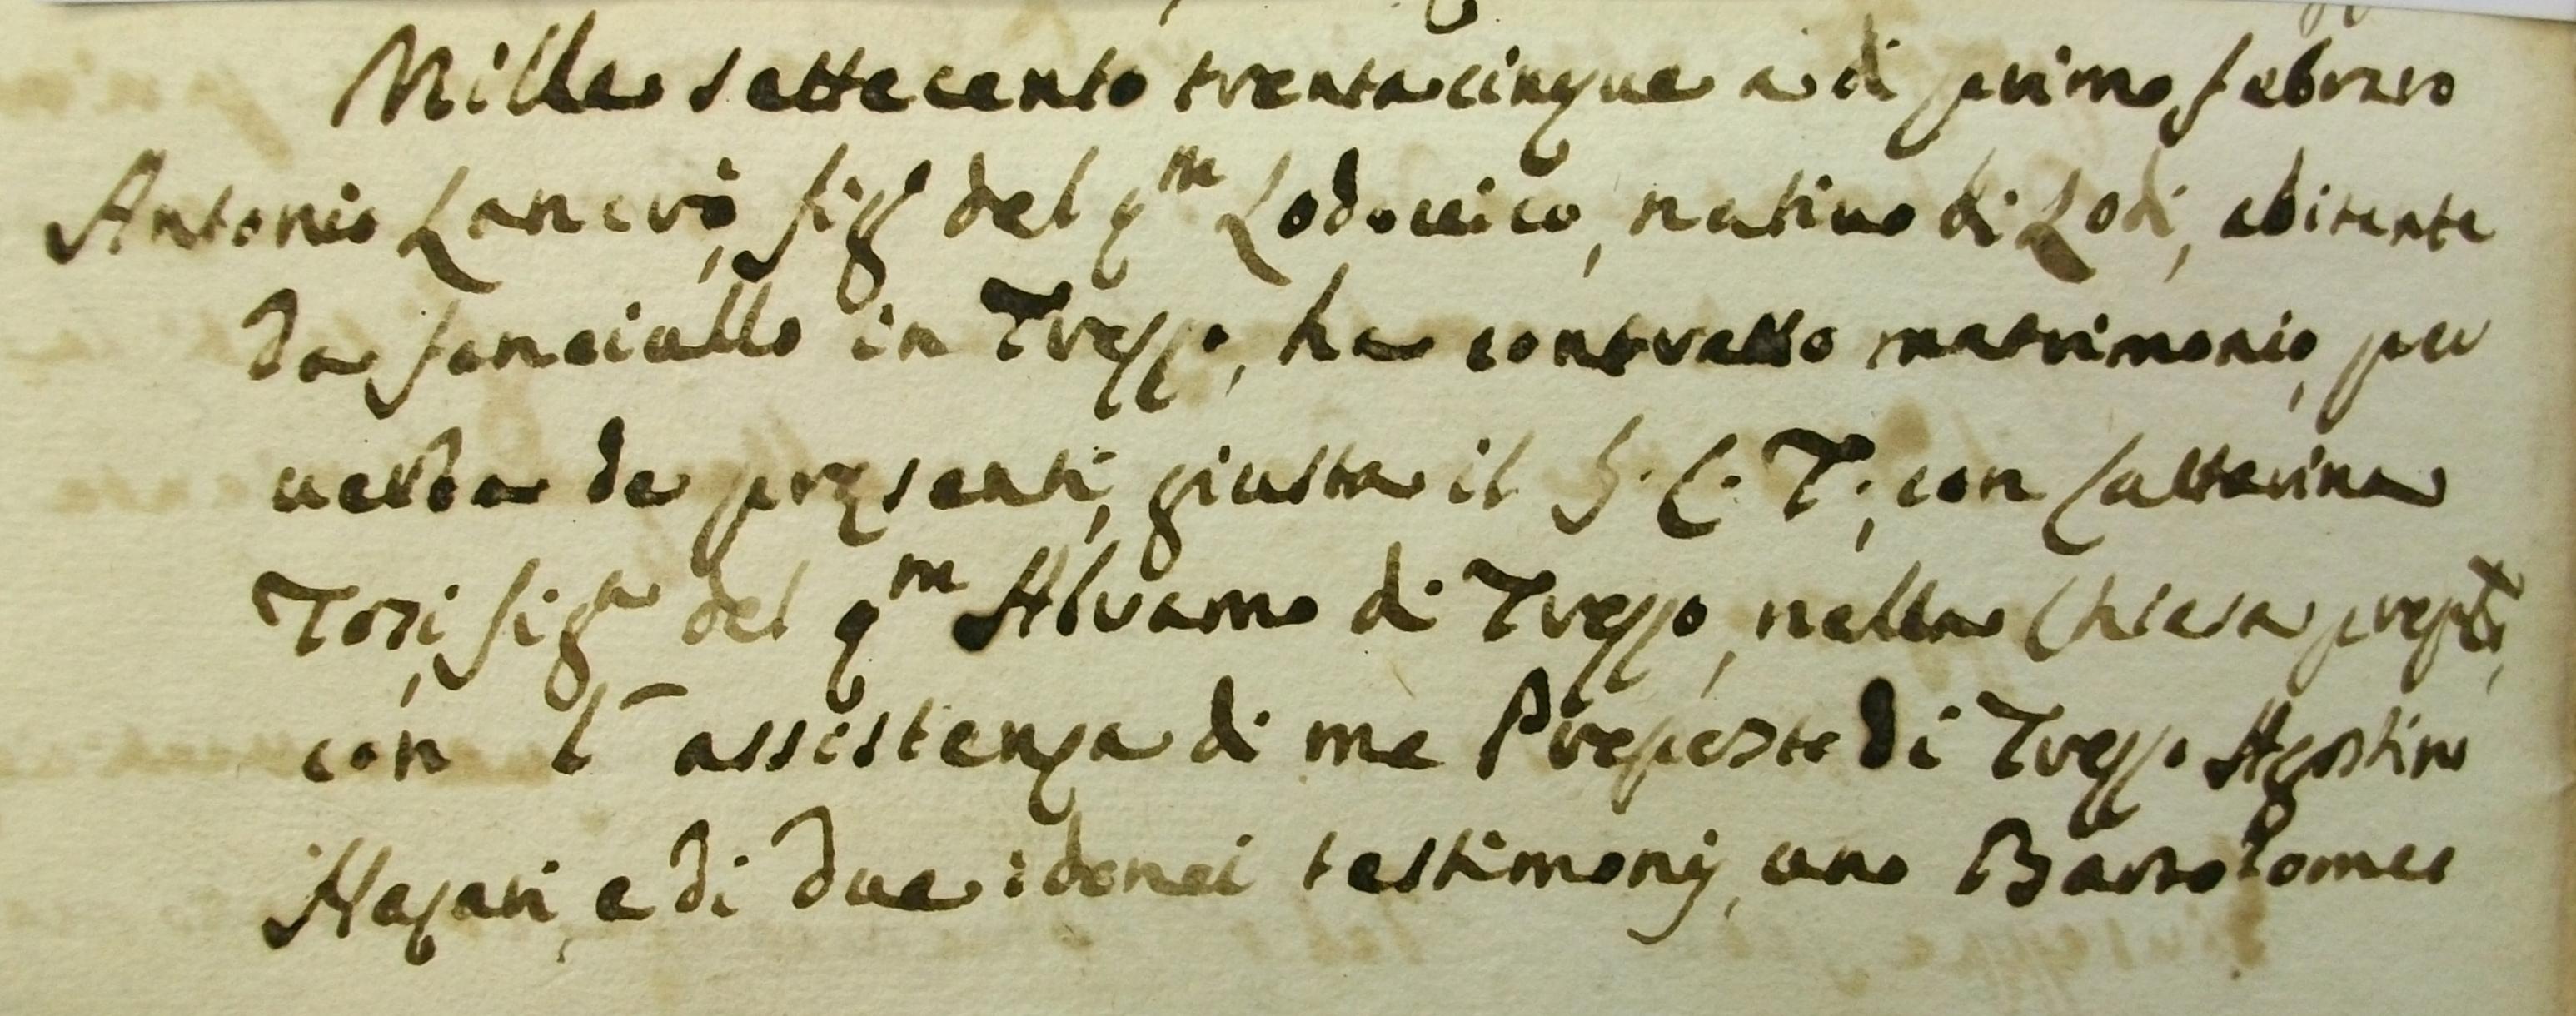 Genealogia Lancrò, dalla spada alla pacifica bottega